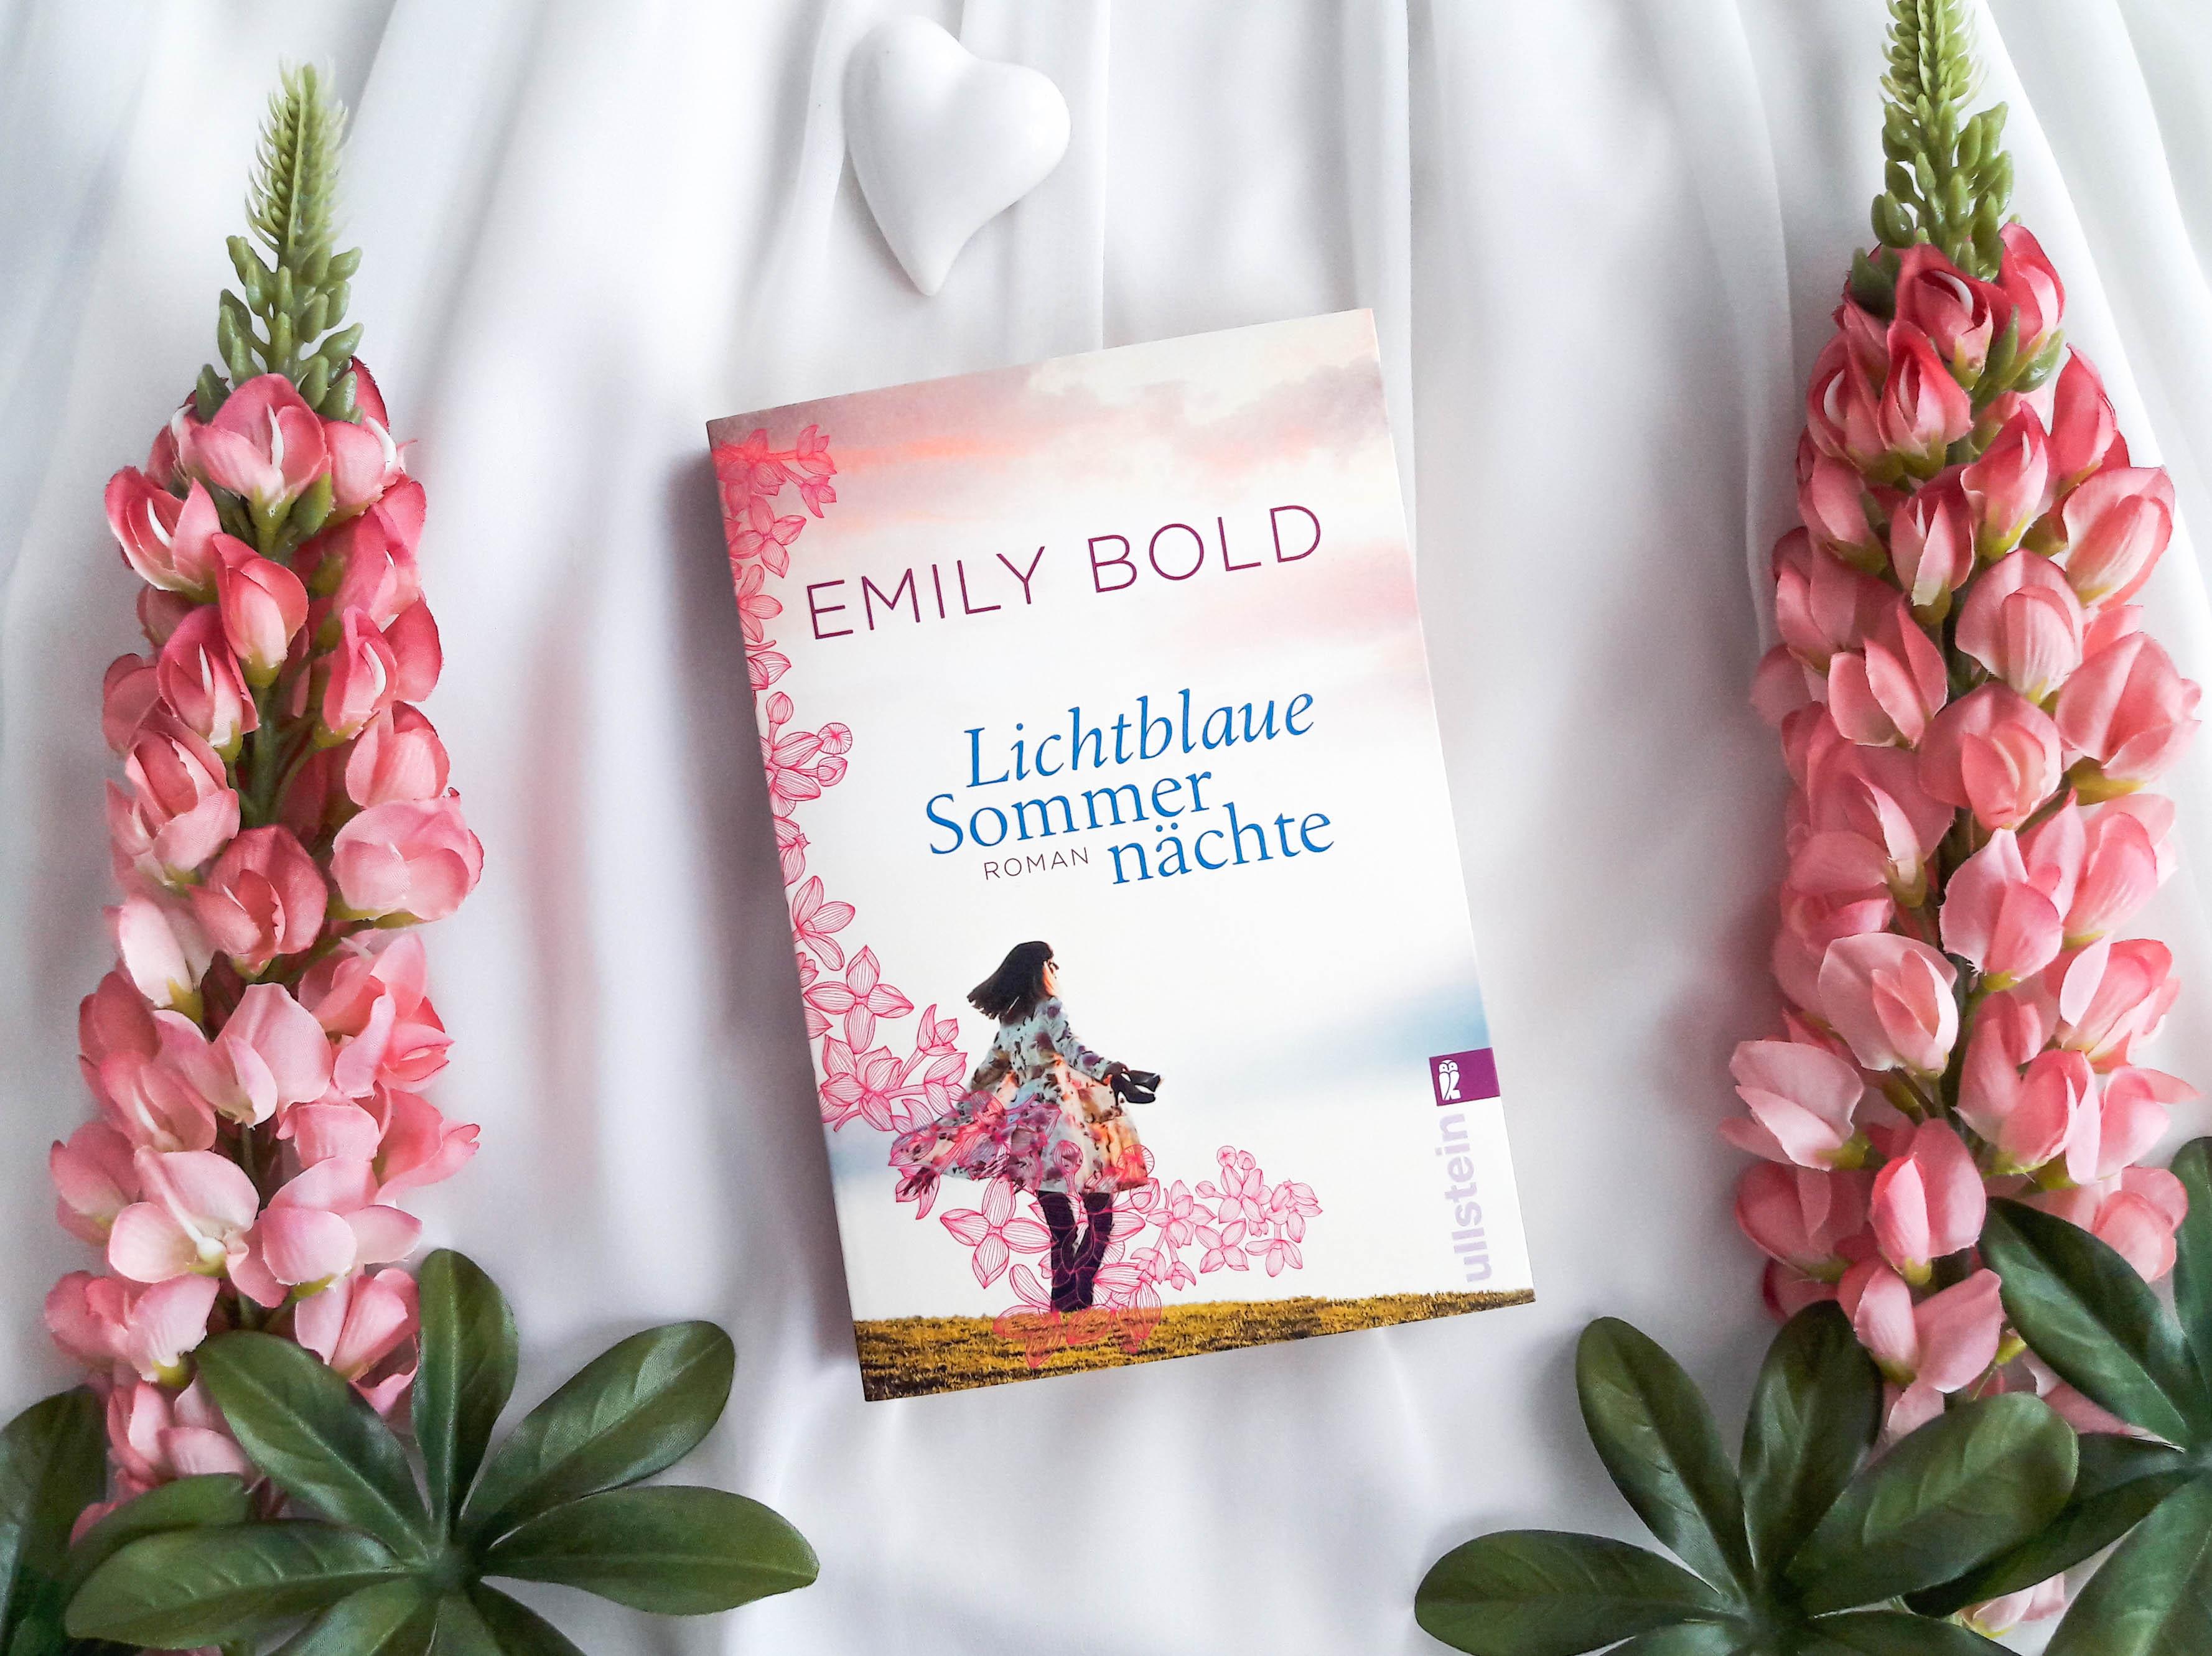 Lichtblaue Sommernächte – Emily Bold graphic